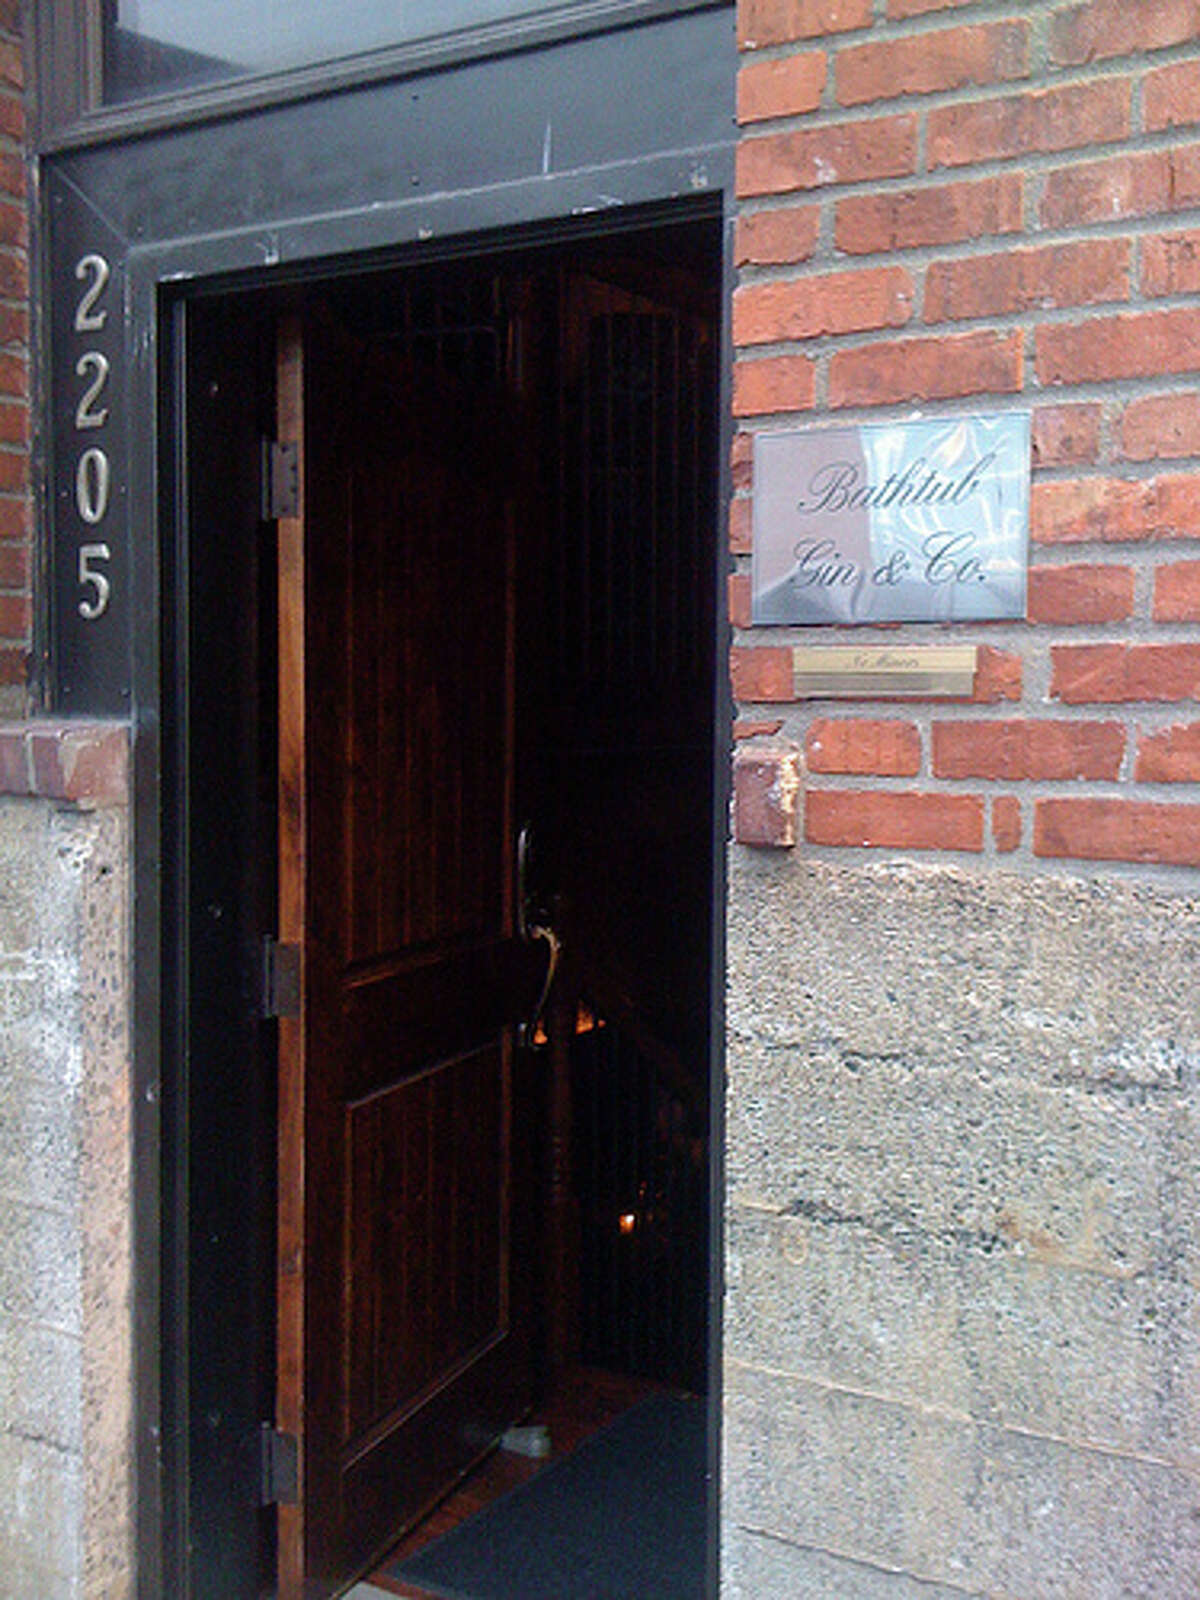 Bathtub Gin runs a dark, brick-walled, speakeasy-style bar in Belltown.